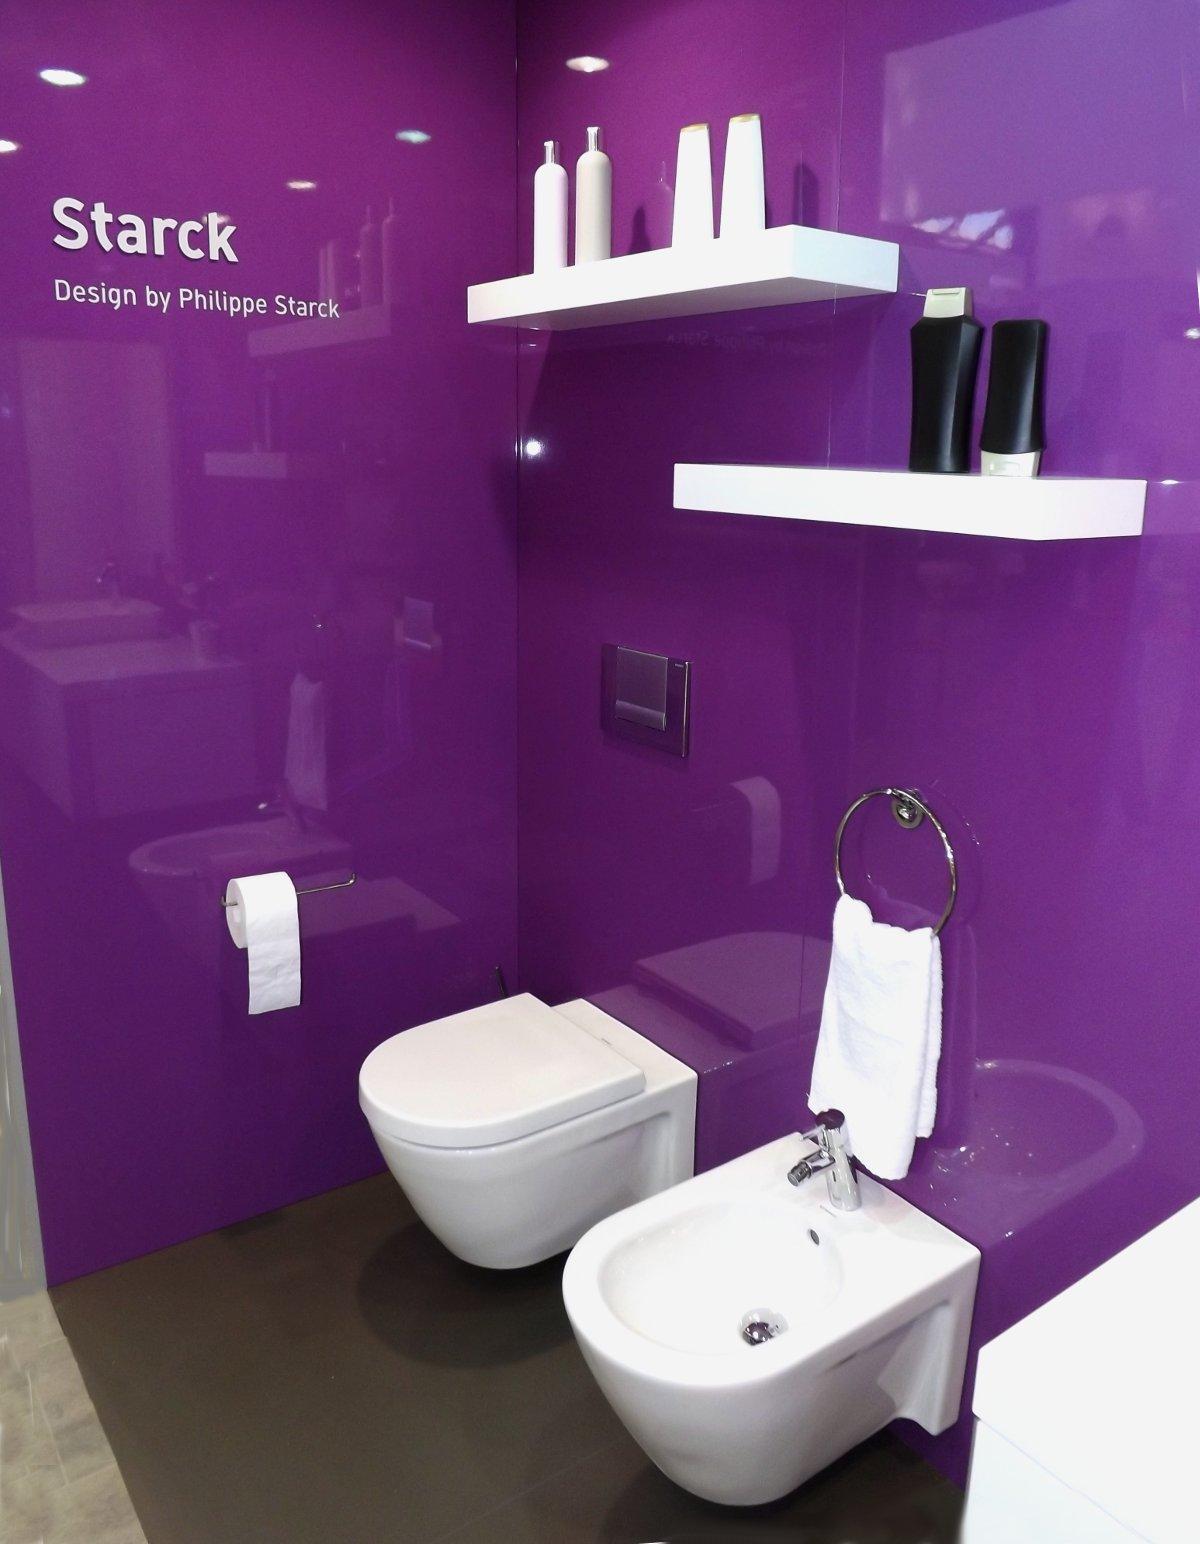 Экспозиция коллекции сантехники и мебели для ванной комнаты Duravit STARCK на выставке МосБилд-2014